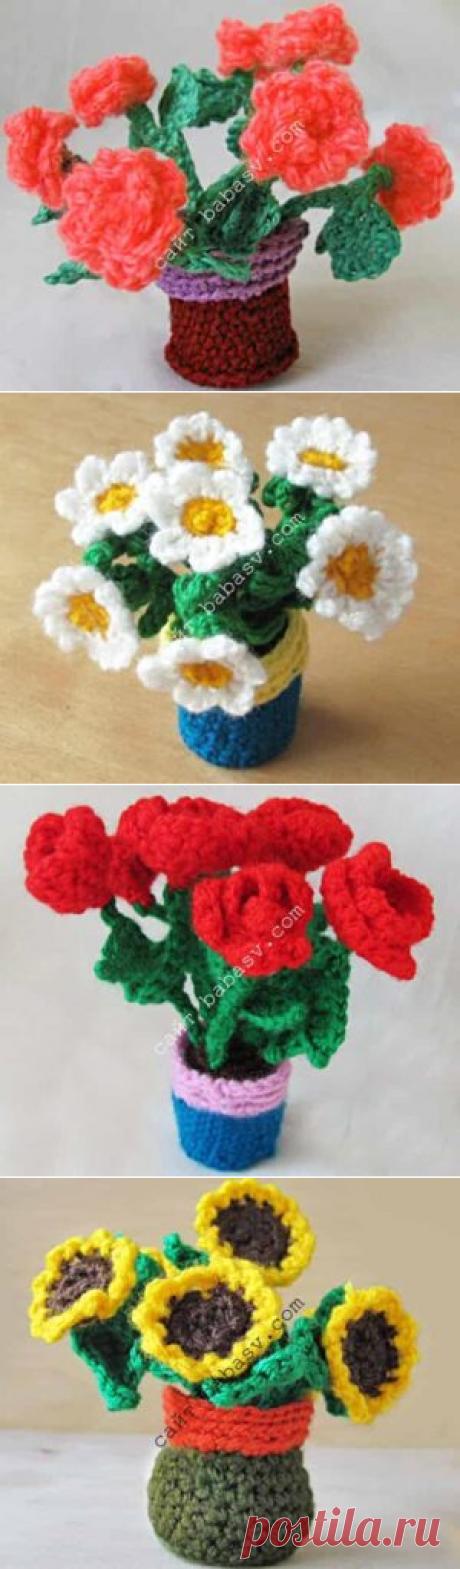 Цветы в горшочке: 4 вида цветов с описаниями вязаний и видео